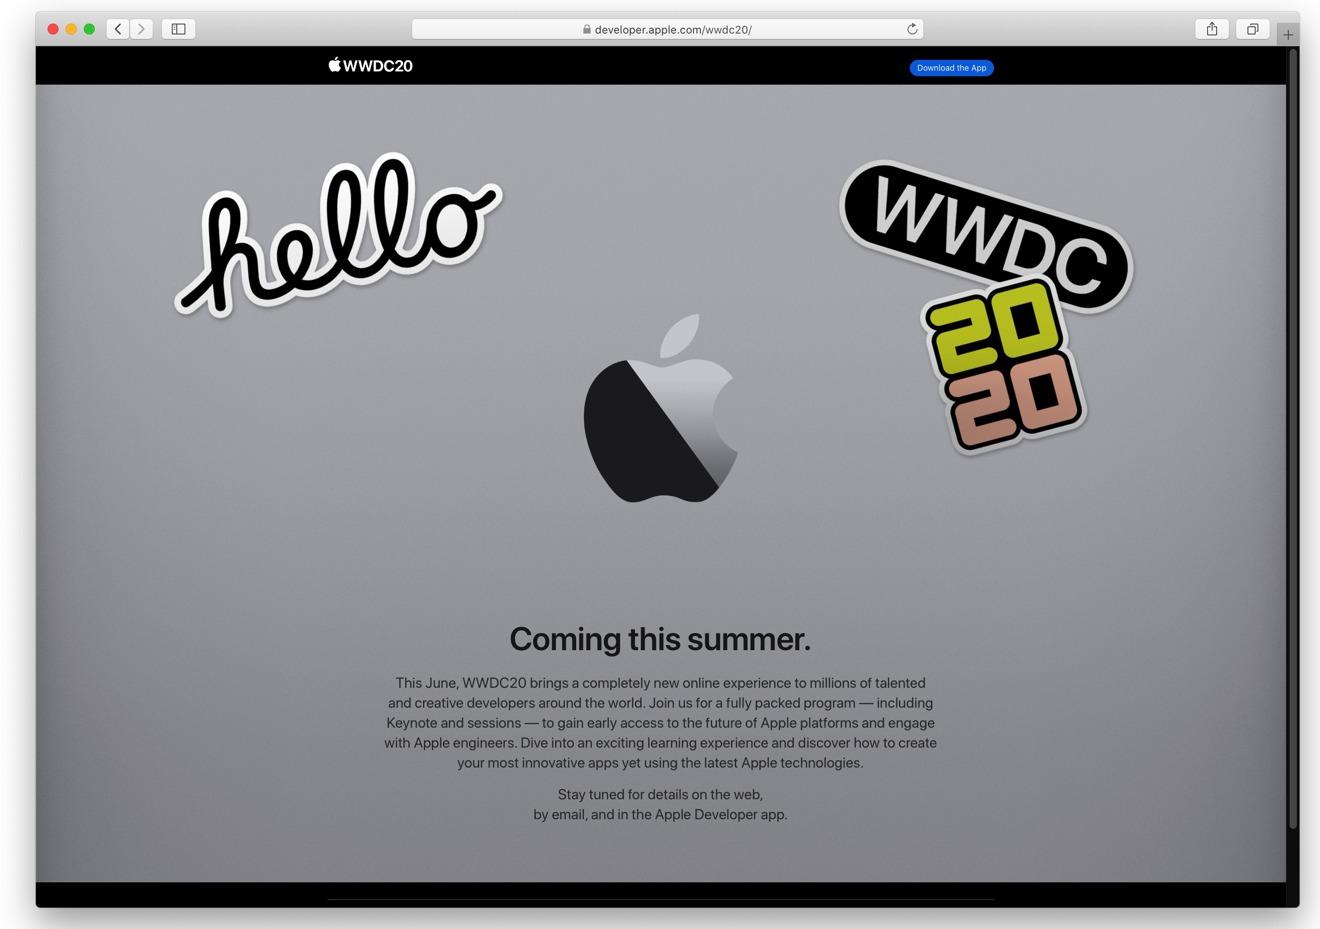 Toda la página de la WWDC 2020, a marzo 13, 2020